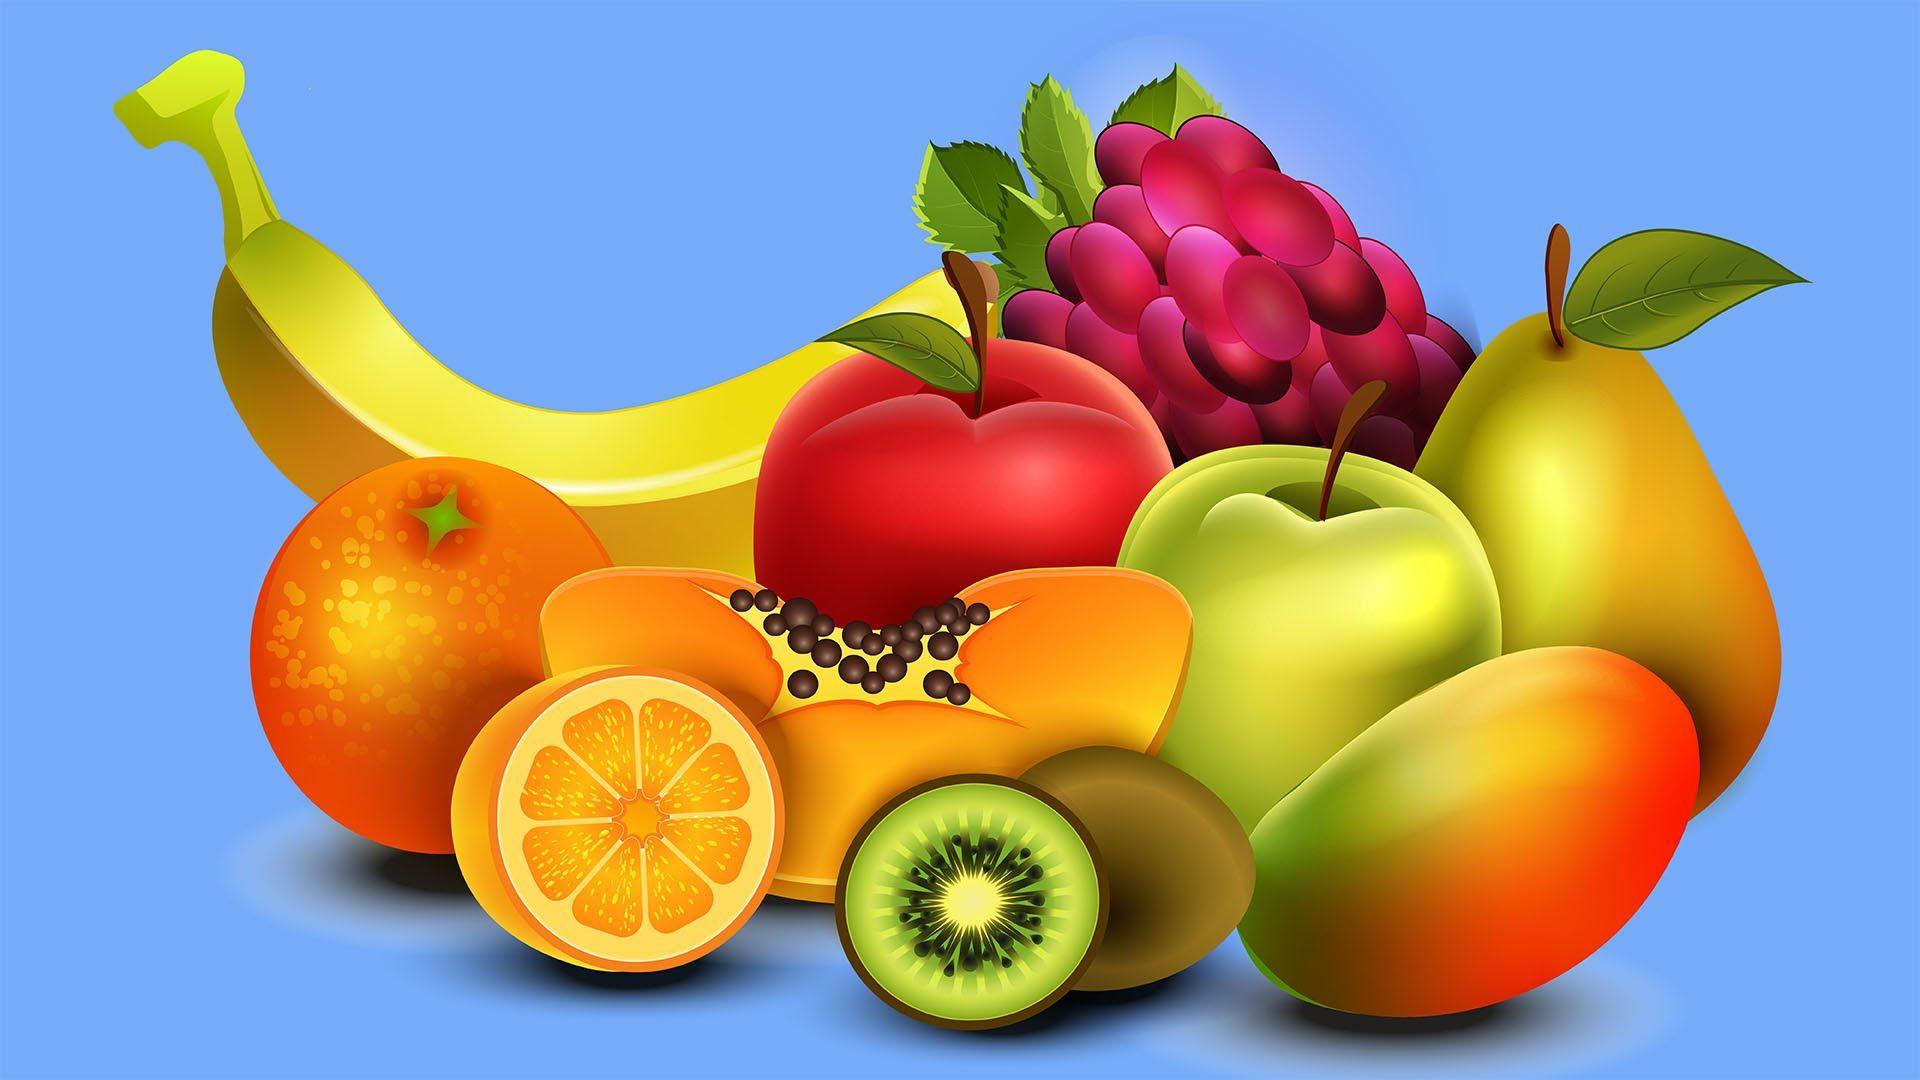 Надпись к картинке с фруктами